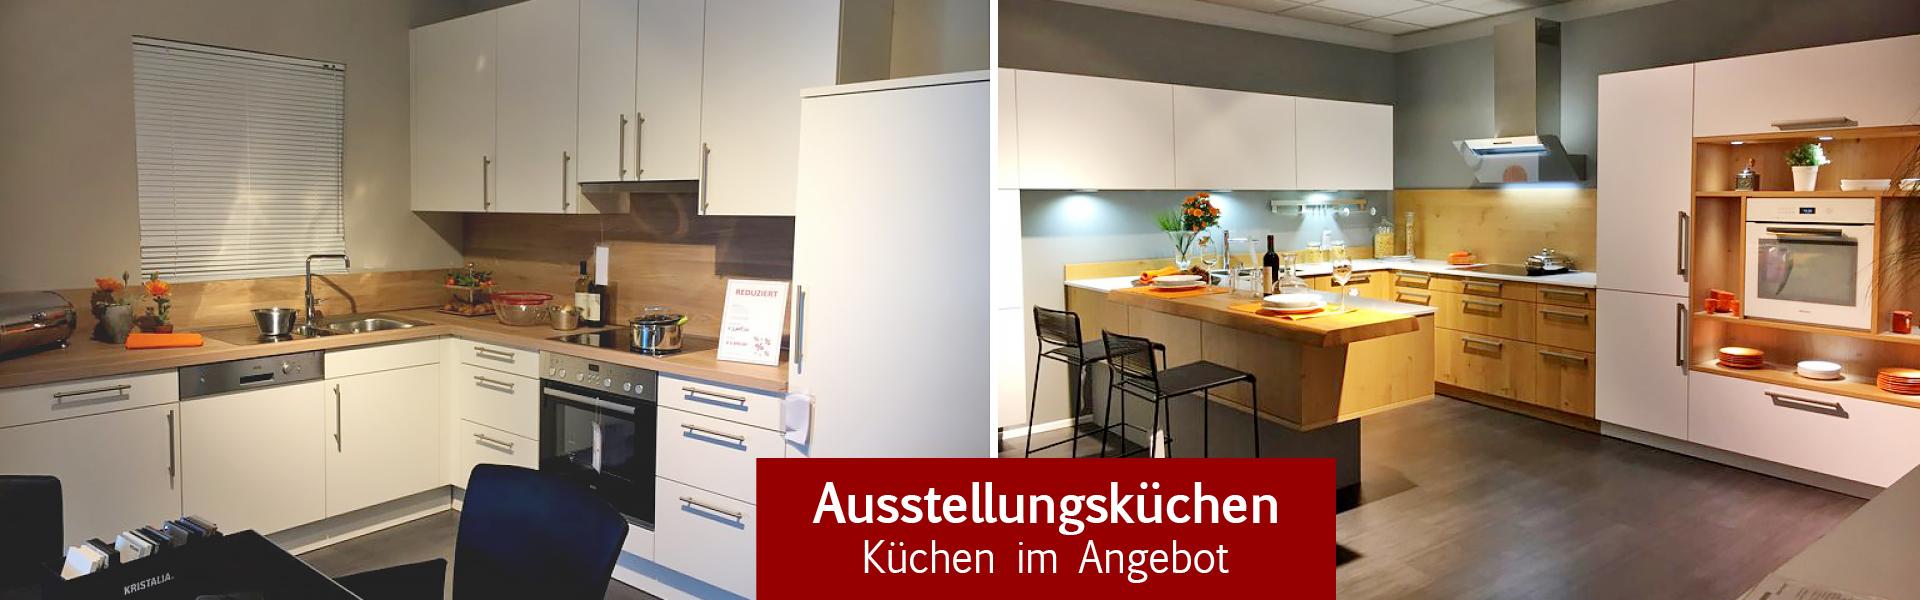 Full Size of Ausstellungsküchen Team 7 Gnstige Kchen In Karlsruhe Neumaier Einrichtungen Betten Wohnzimmer Ausstellungsküchen Team 7